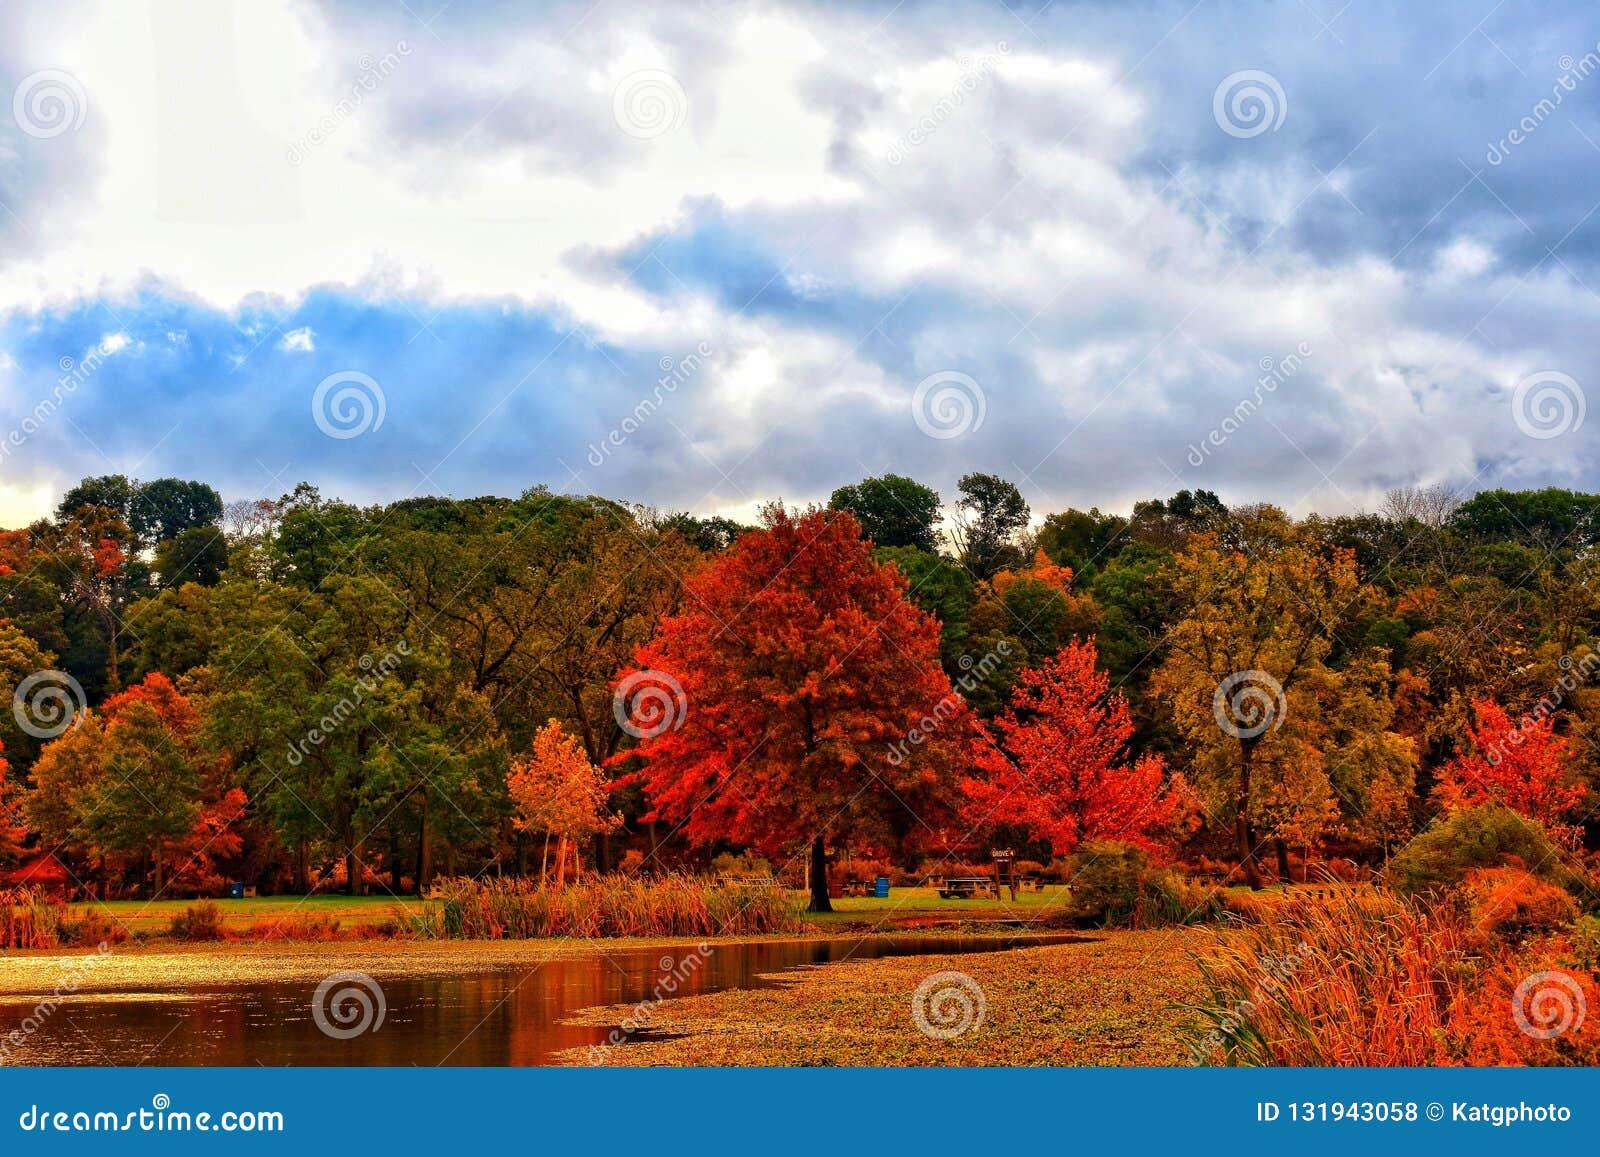 Цвета осени выделяют лес около пруда